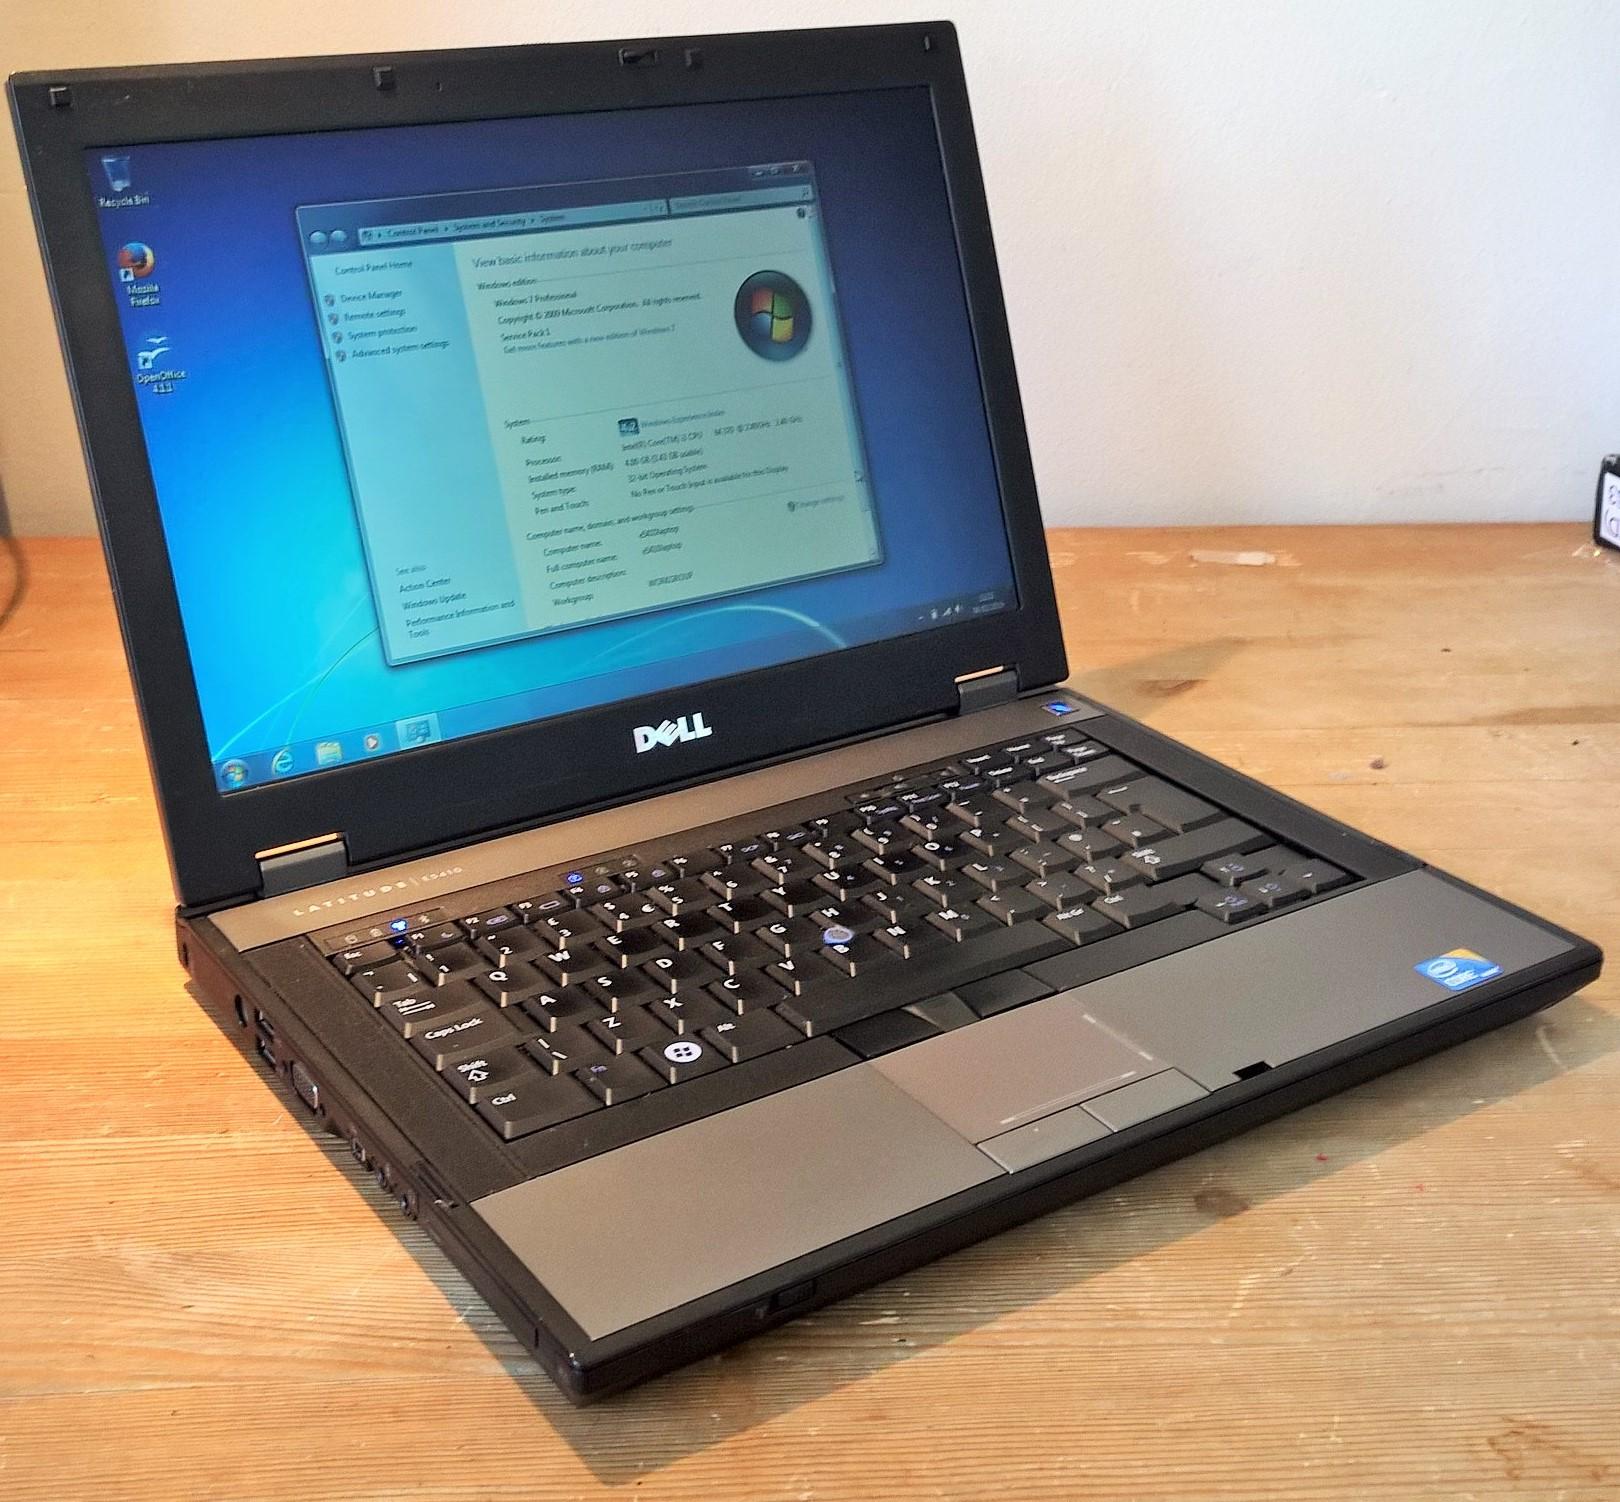 Dell i3